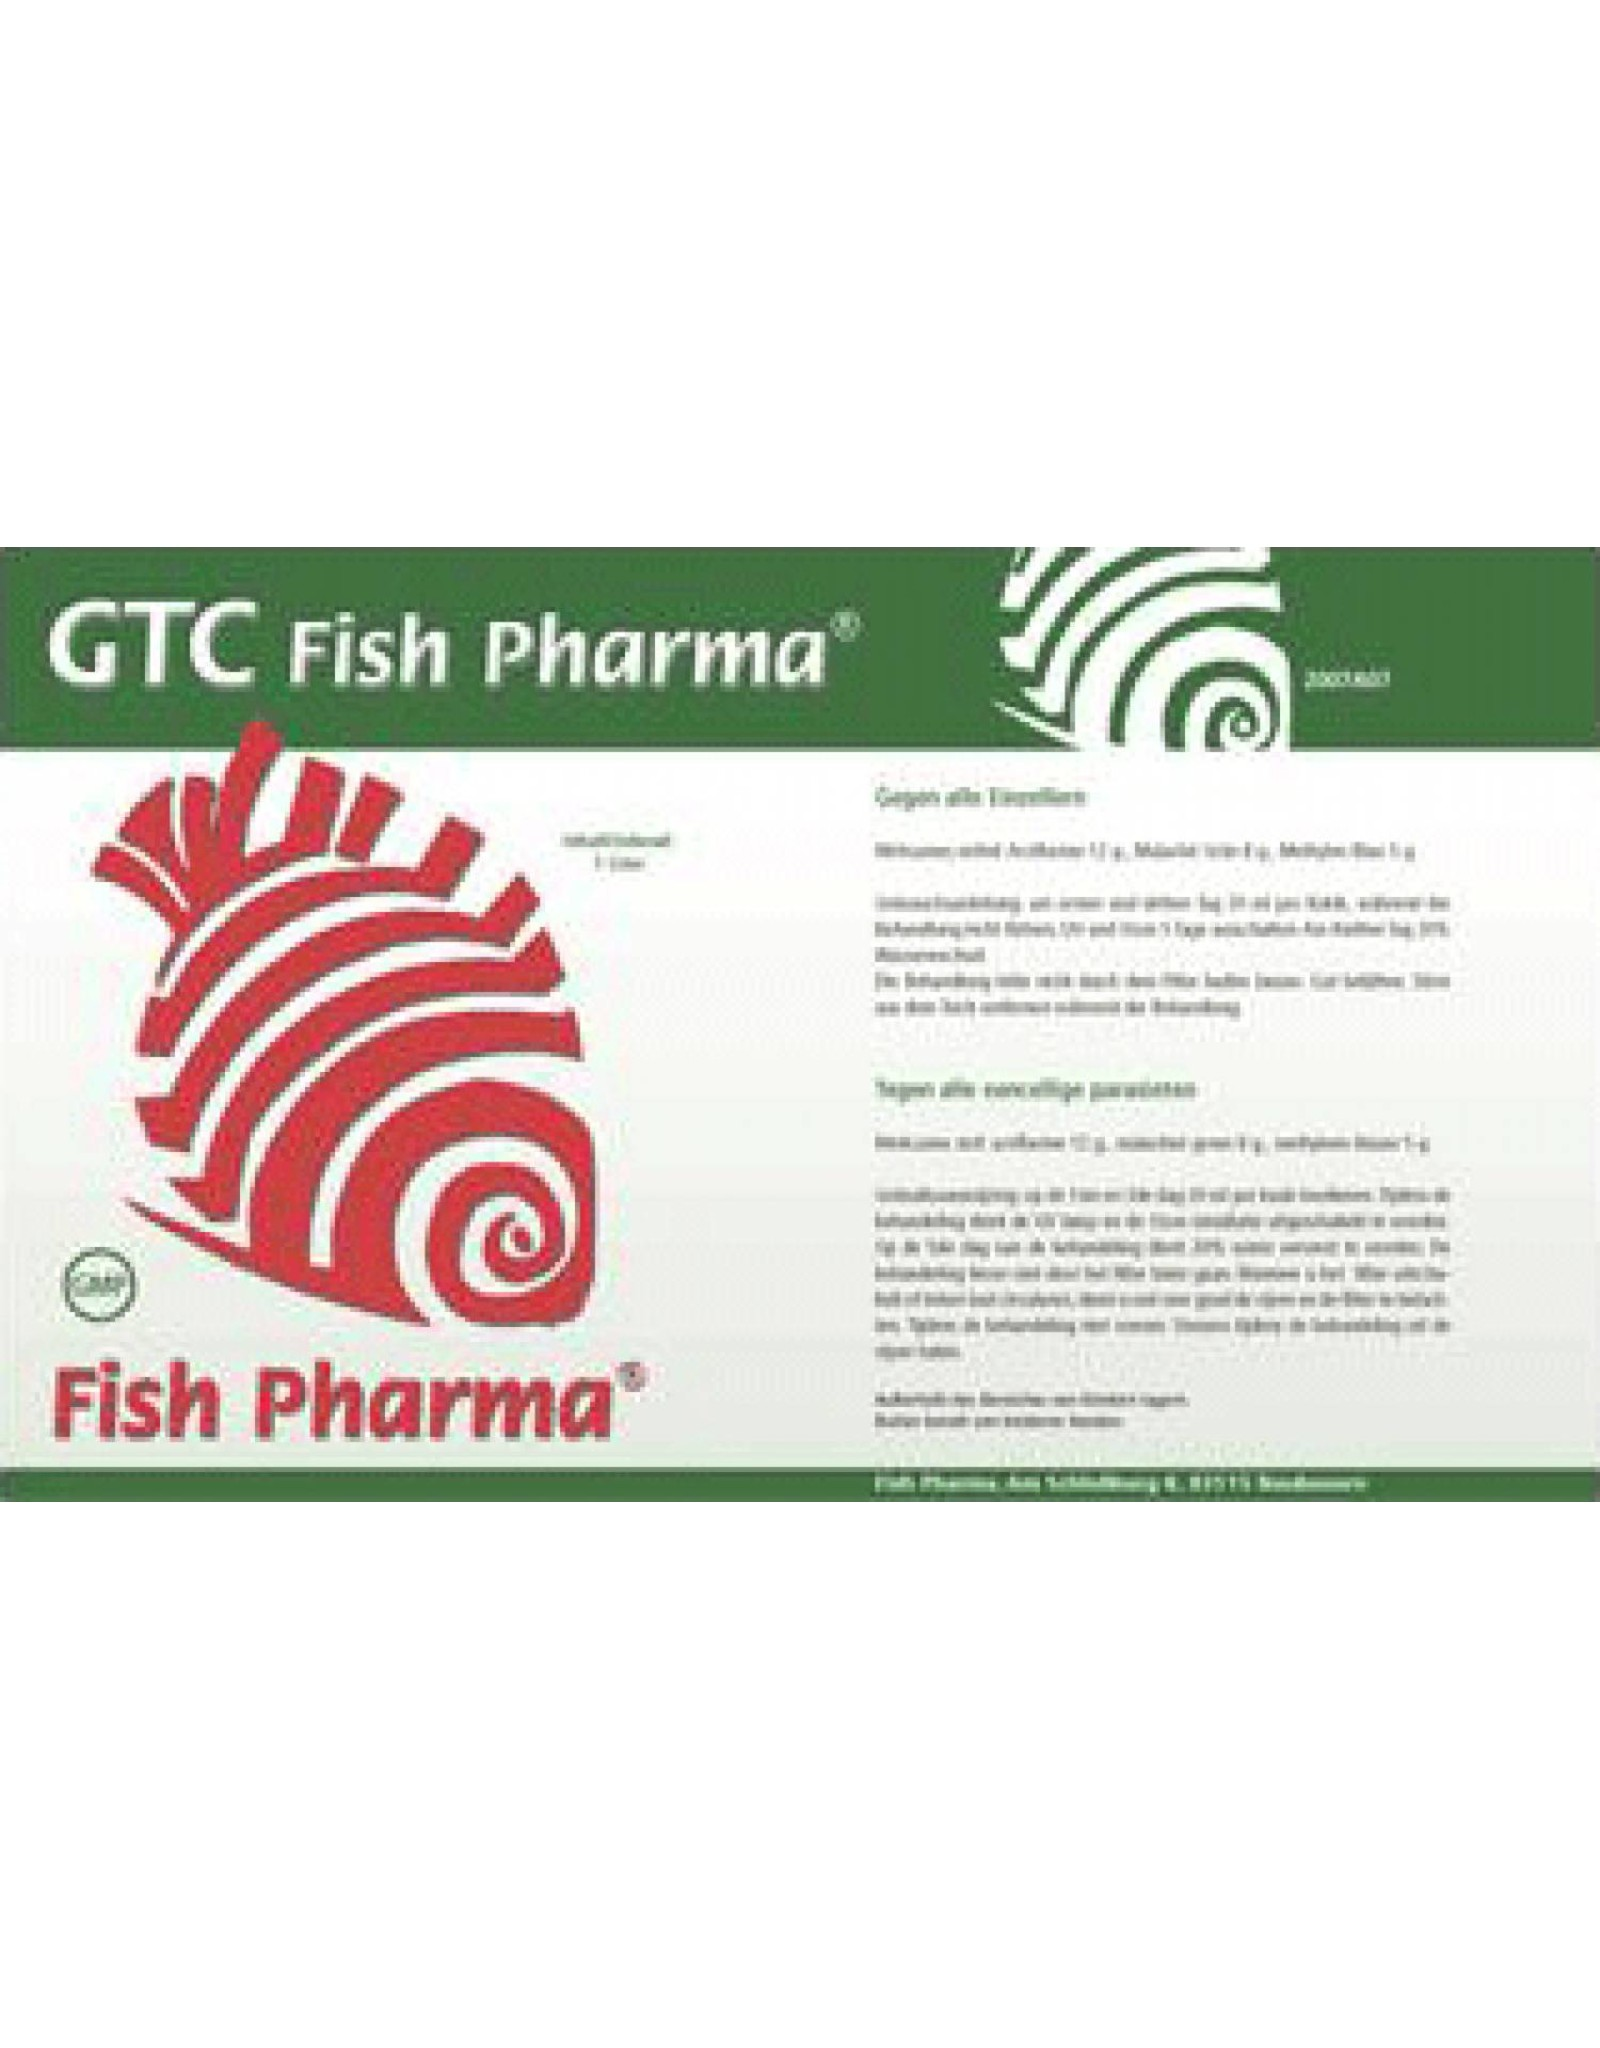 Fish Pharma GTC gegen alle einzelligen Parasiten.